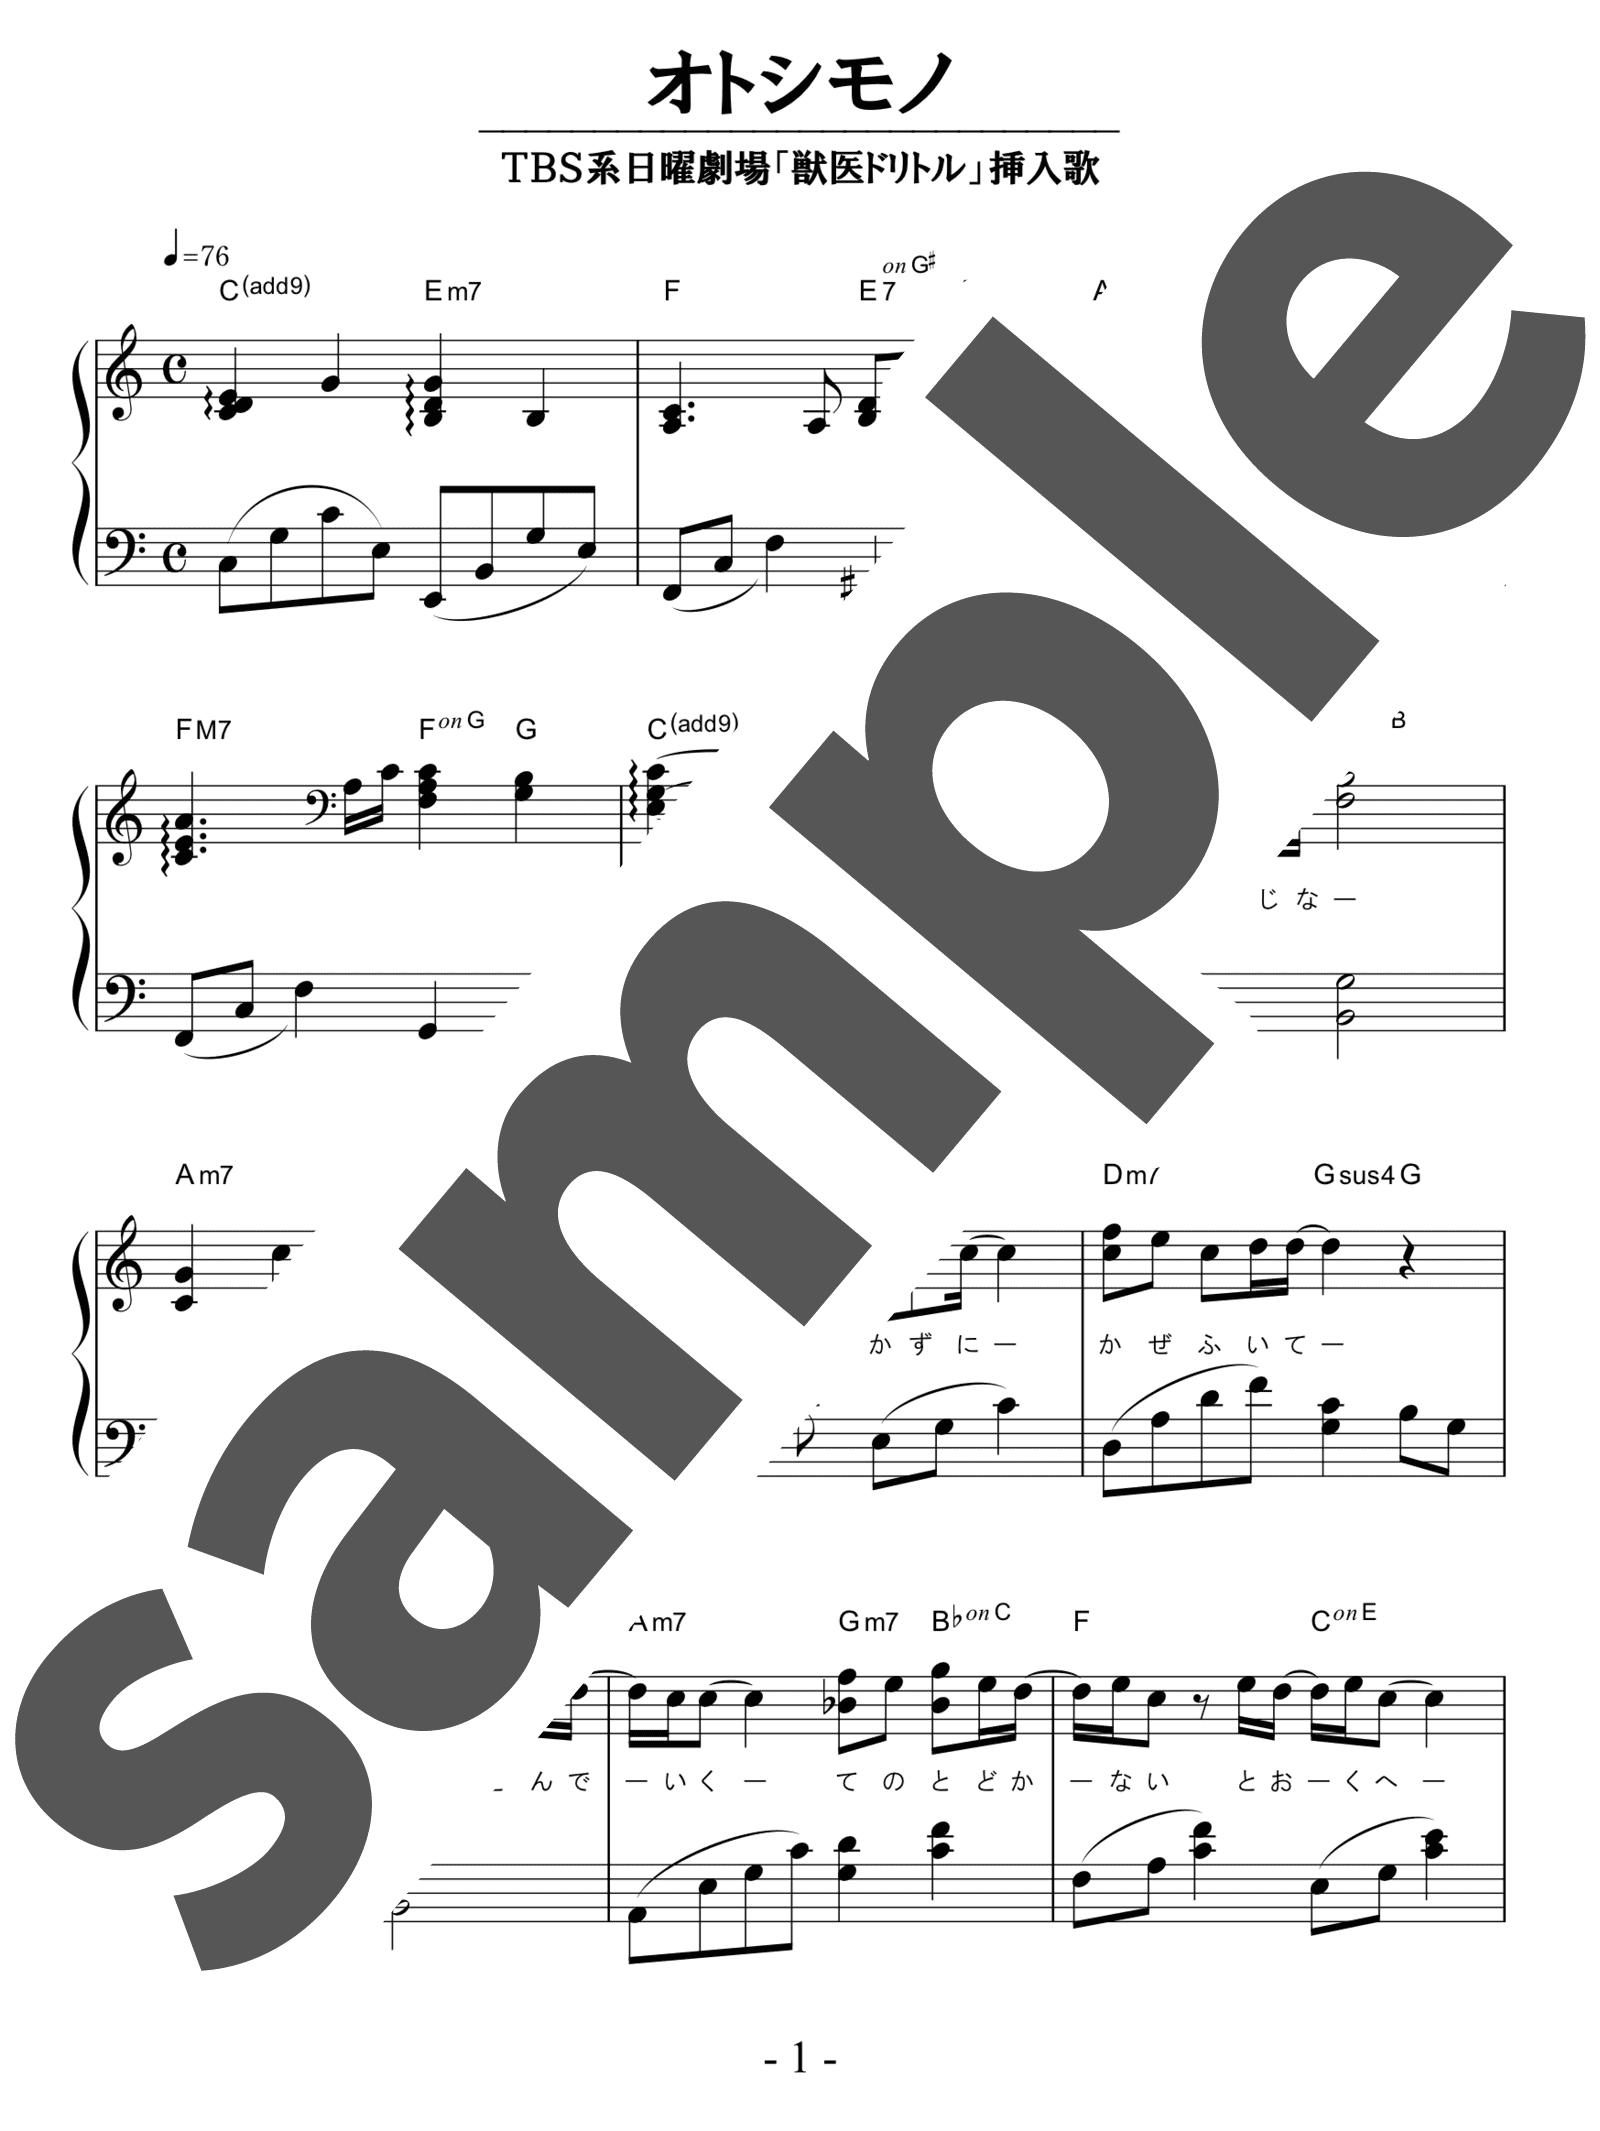 「オトシモノ」のサンプル楽譜